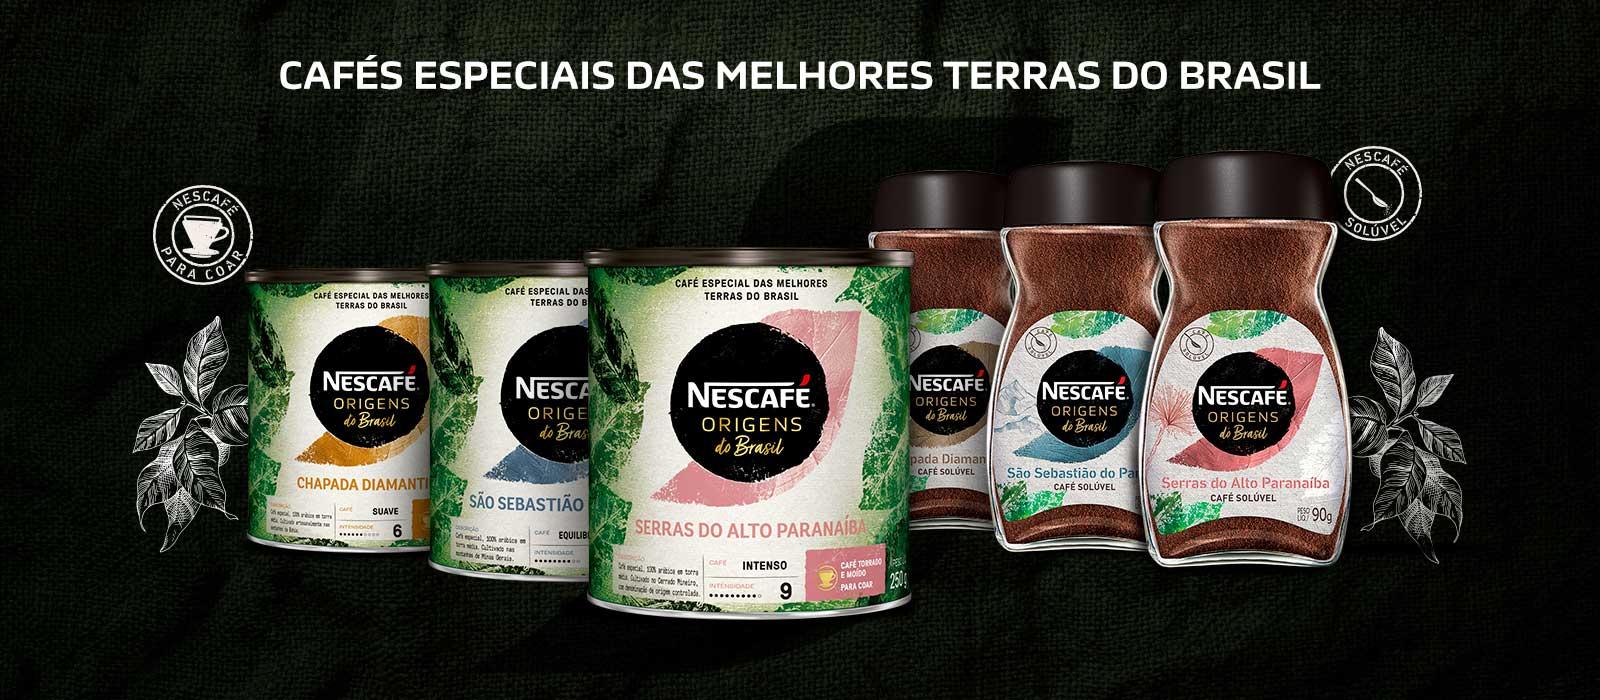 Nescafé Origens do Brasil